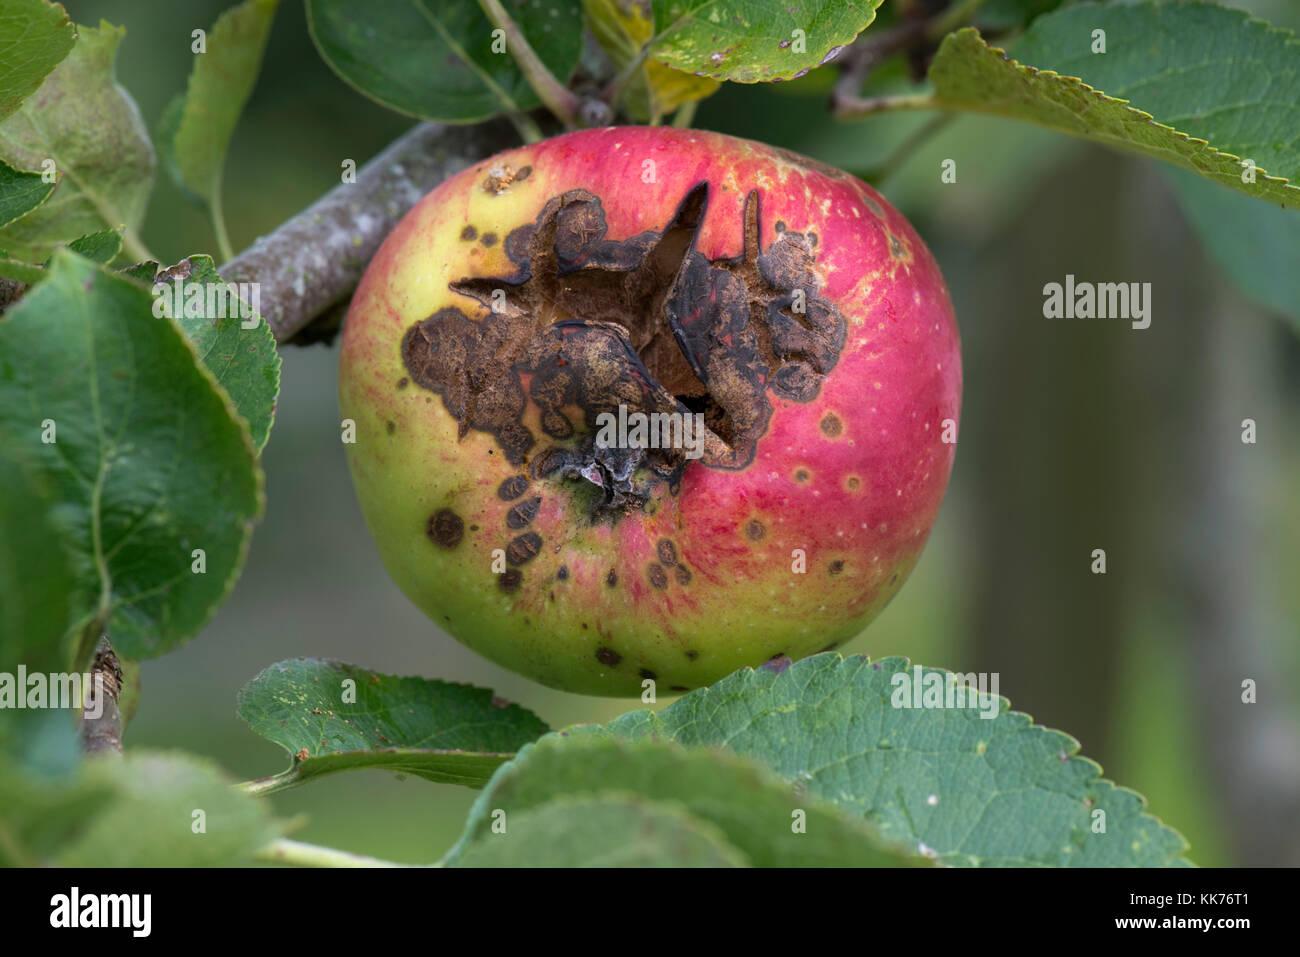 Nekrotische Flecken und Risse verursacht apple Venturia inaequalis Eiterweiß wird, auf einen reifen Apfel am Baum, Stockfoto